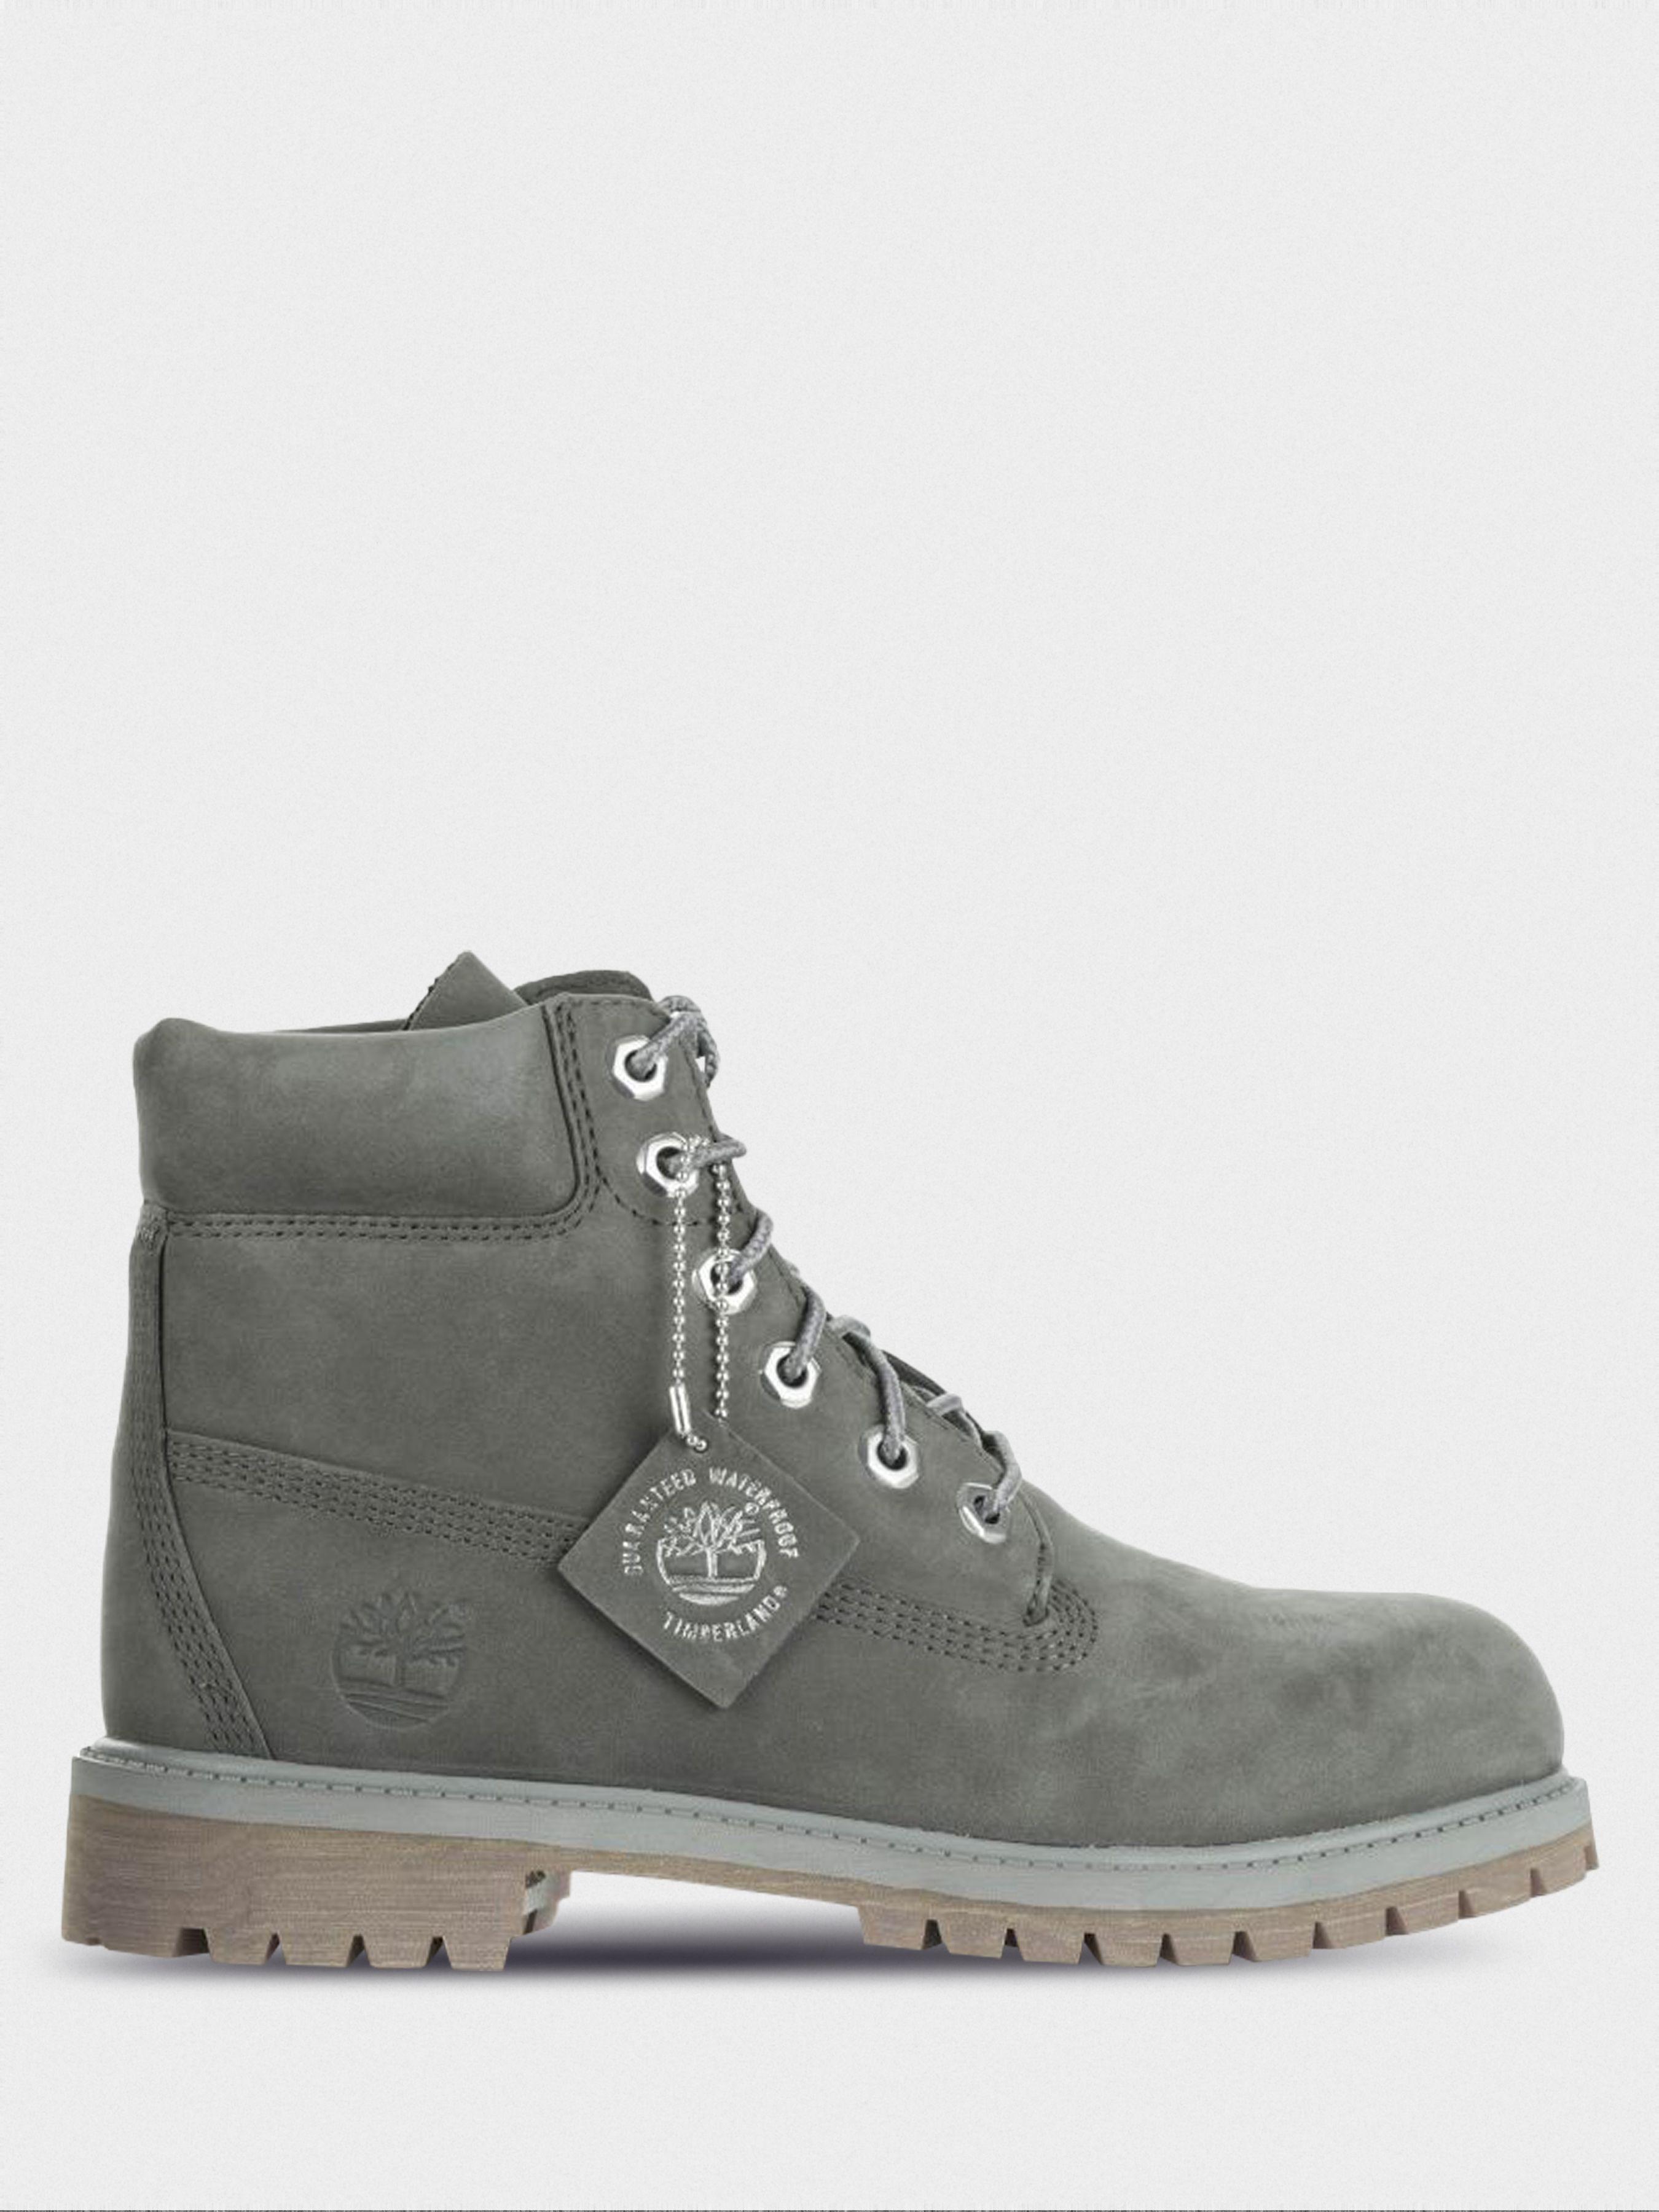 Купить Ботинки детские Timberland черевики TL1684, Серый